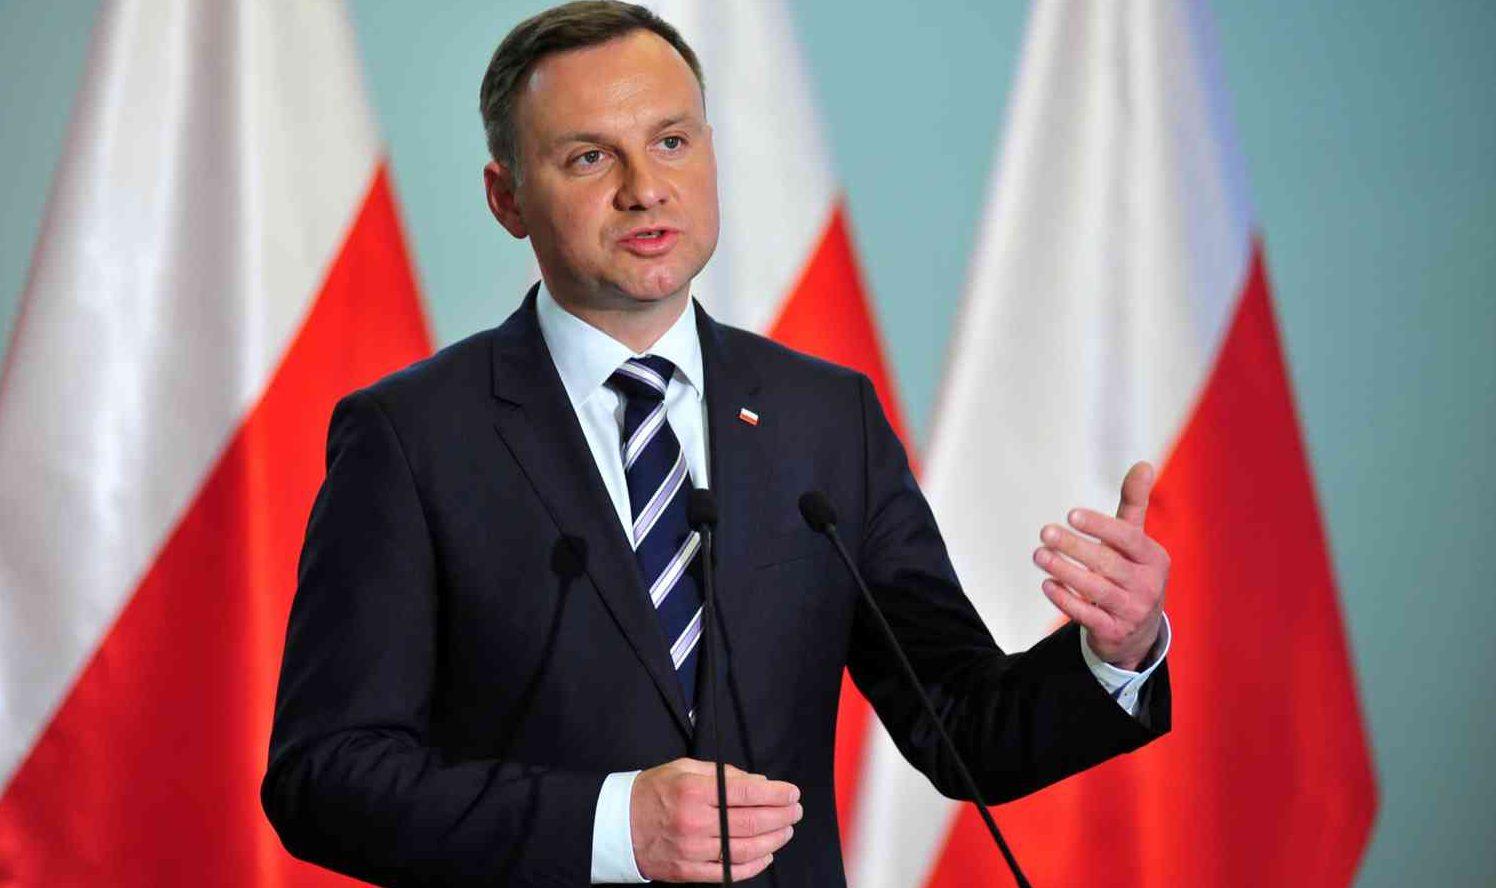 Варшава с«болью» восприняла запуск европейской санкционной процедуры